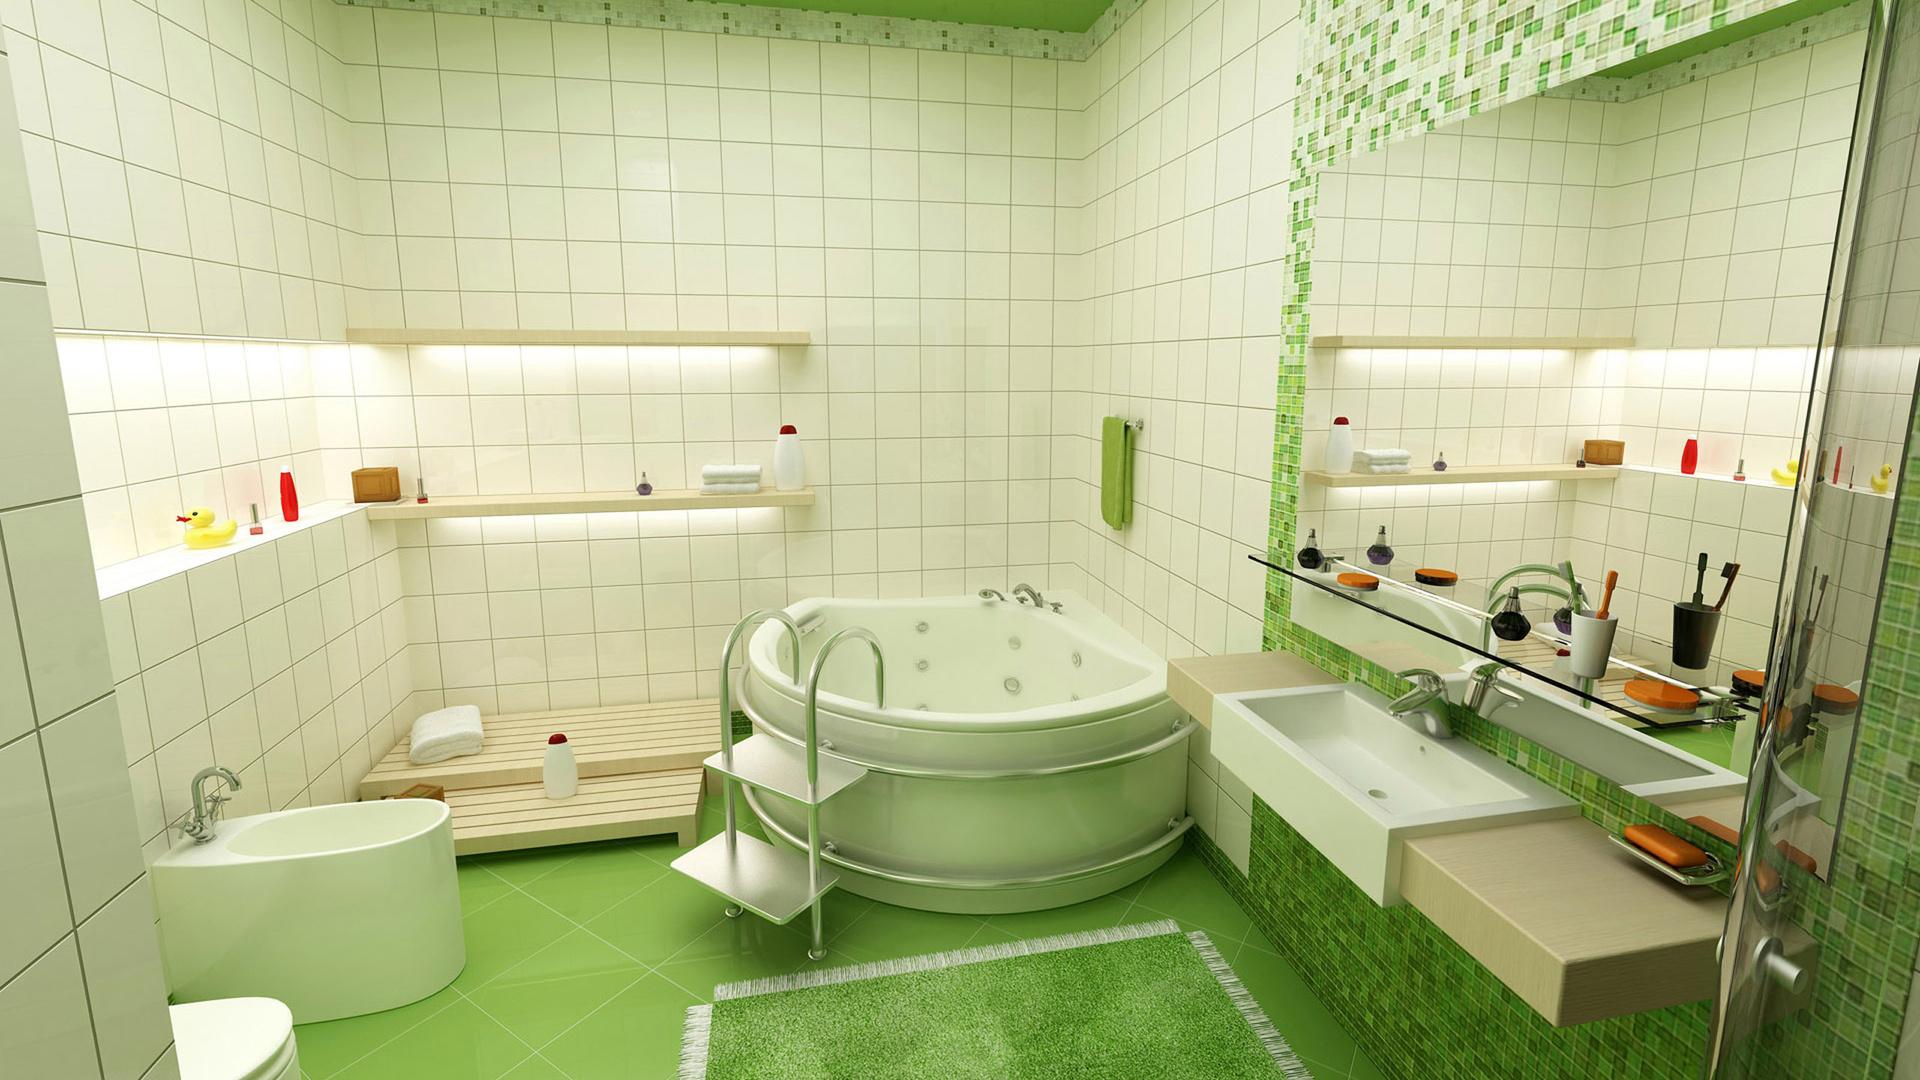 Ванная с зеленой мозаикой в эко-стиле